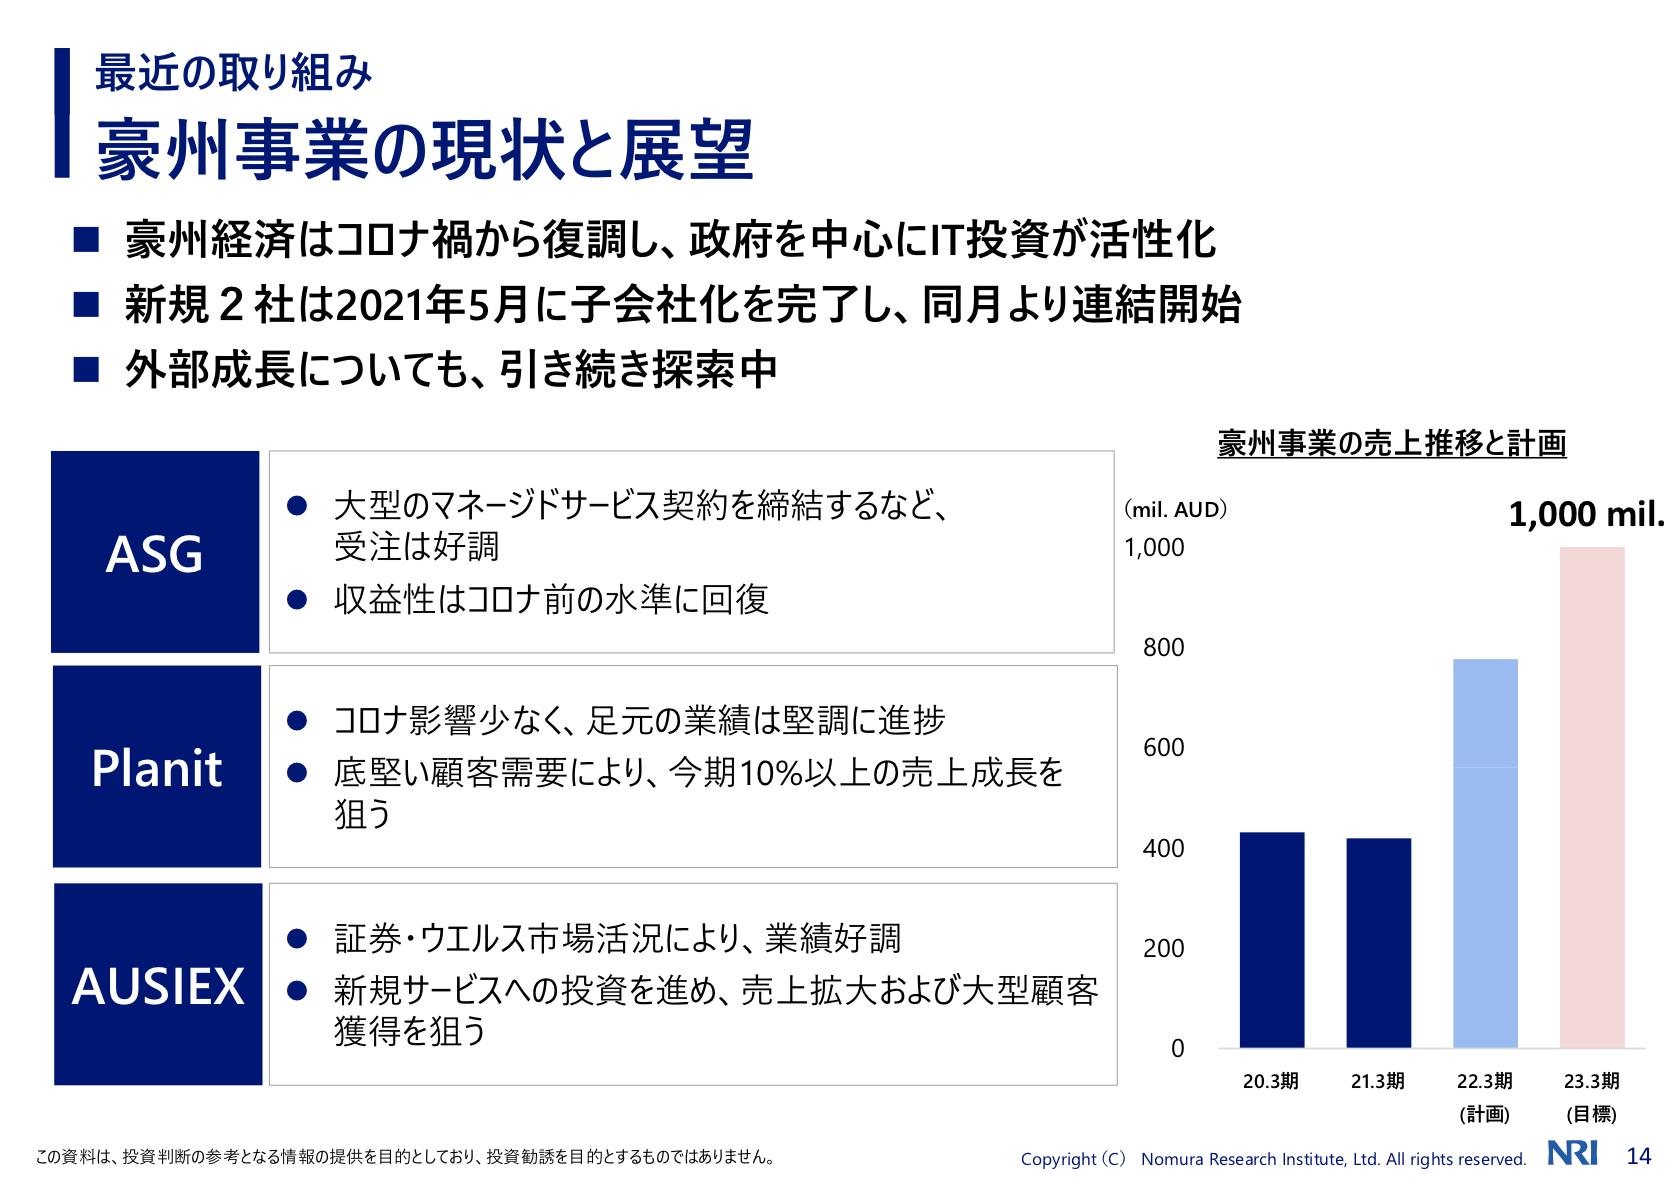 野村総合研究所 2021年度1Q決算を徹底解説! さとり世代の株日記 資産運用 株 投資 資産形成